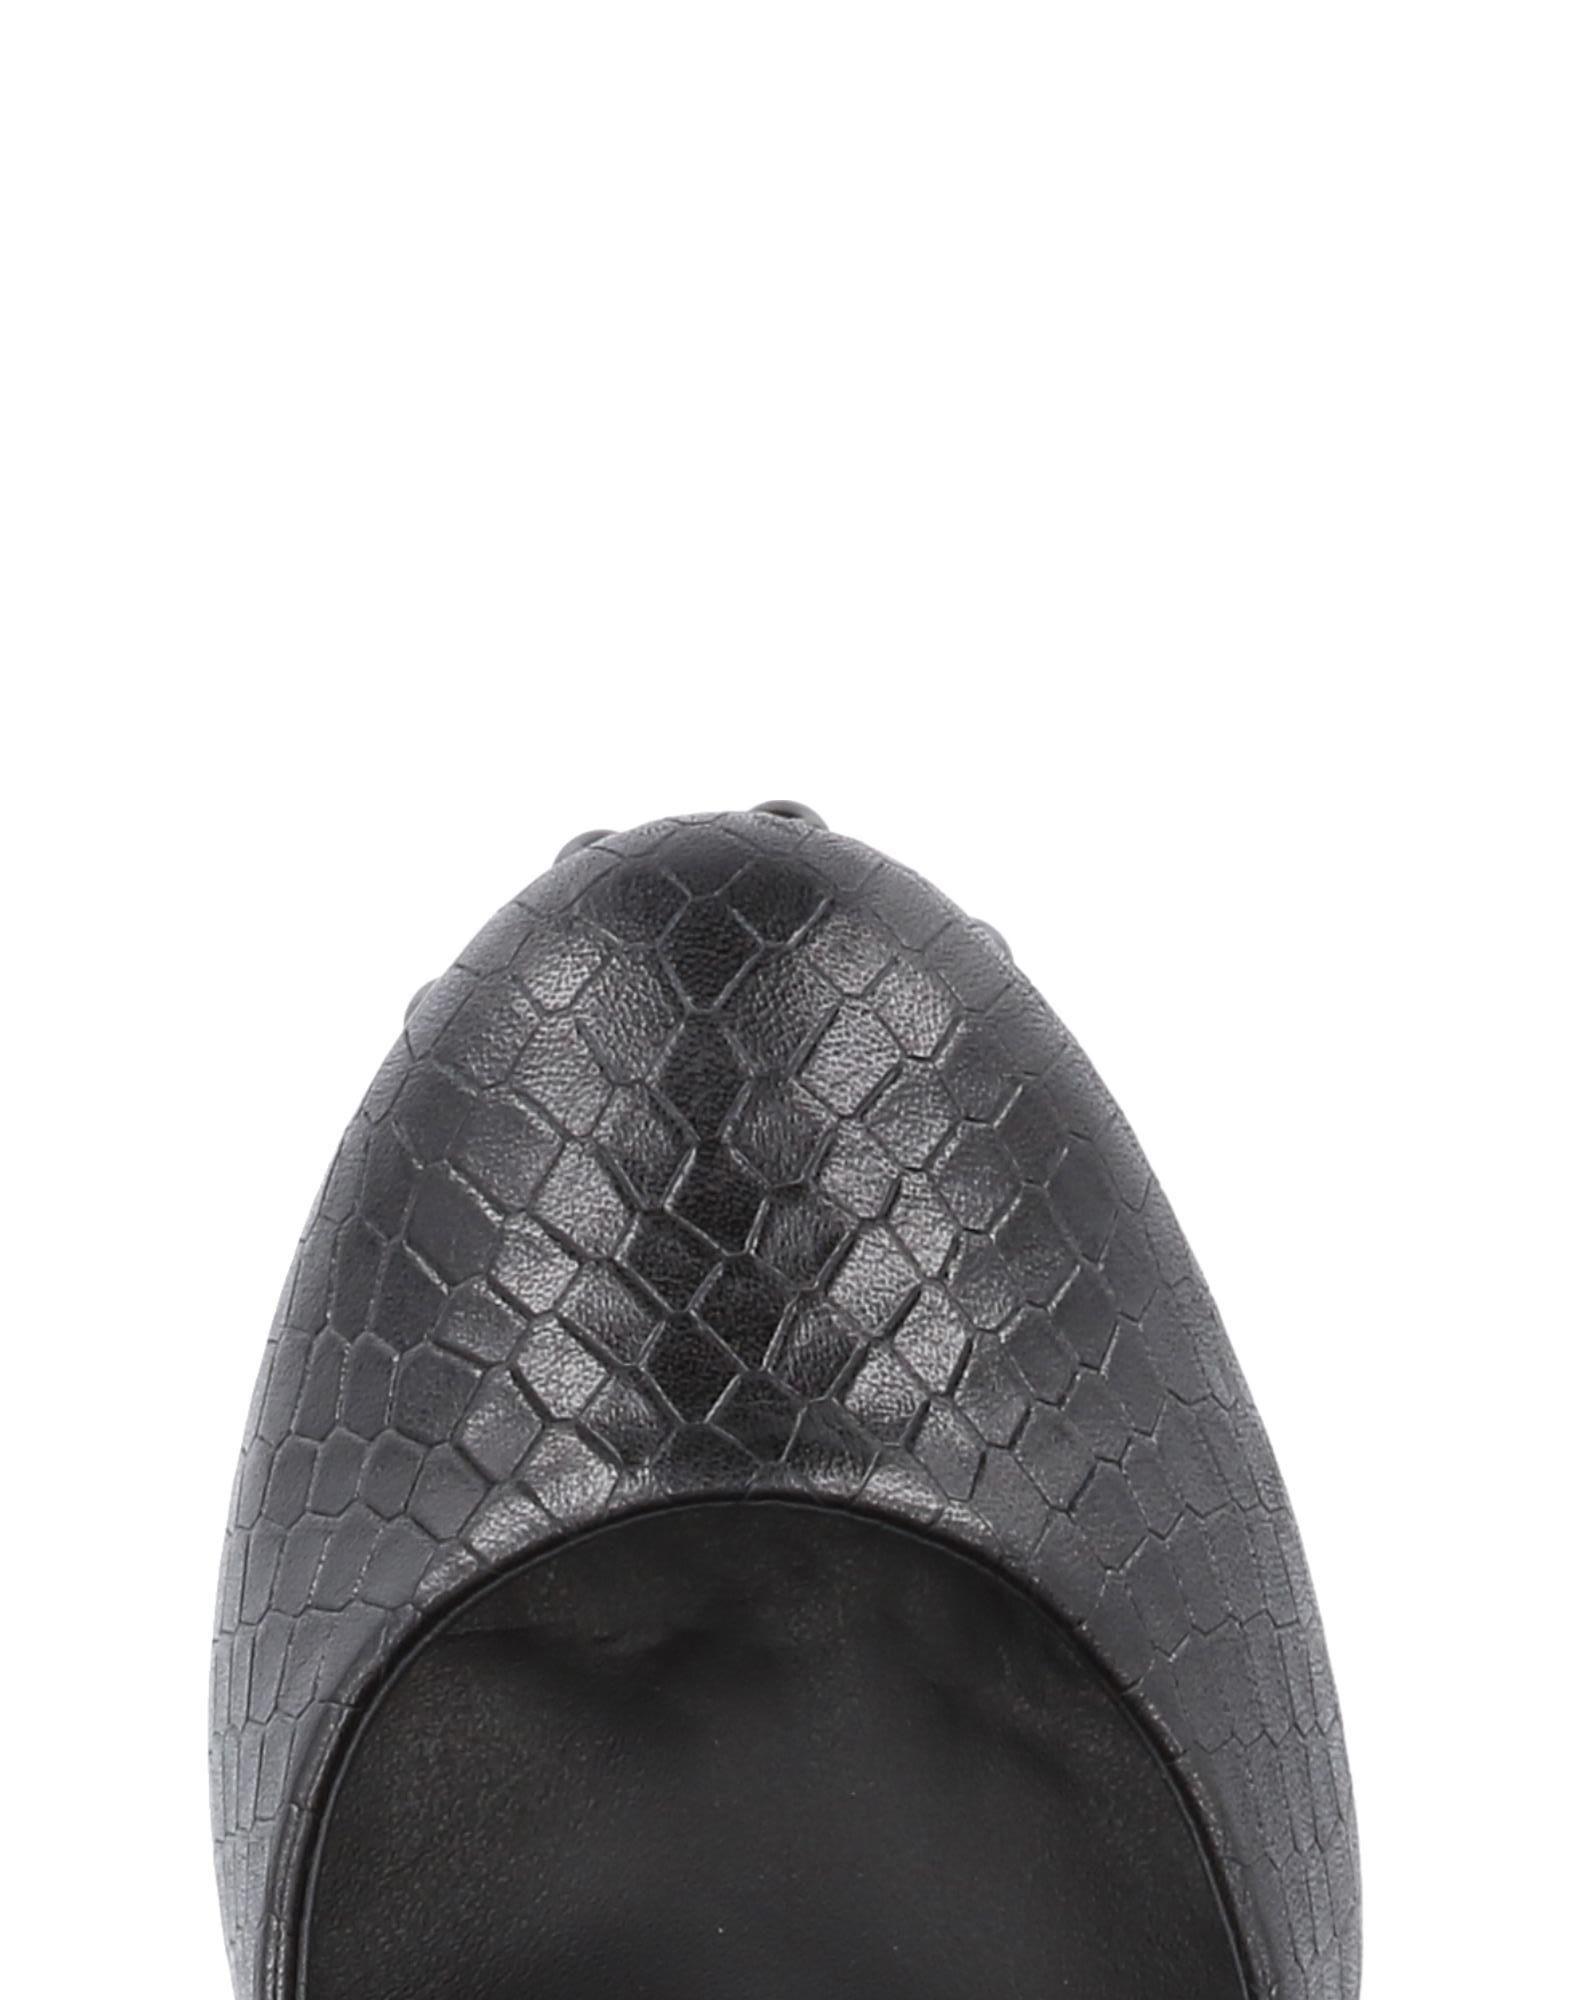 Gut Line um billige Schuhe zu tragenRuco Line Gut Pumps Damen  11469349OH 7a8e05